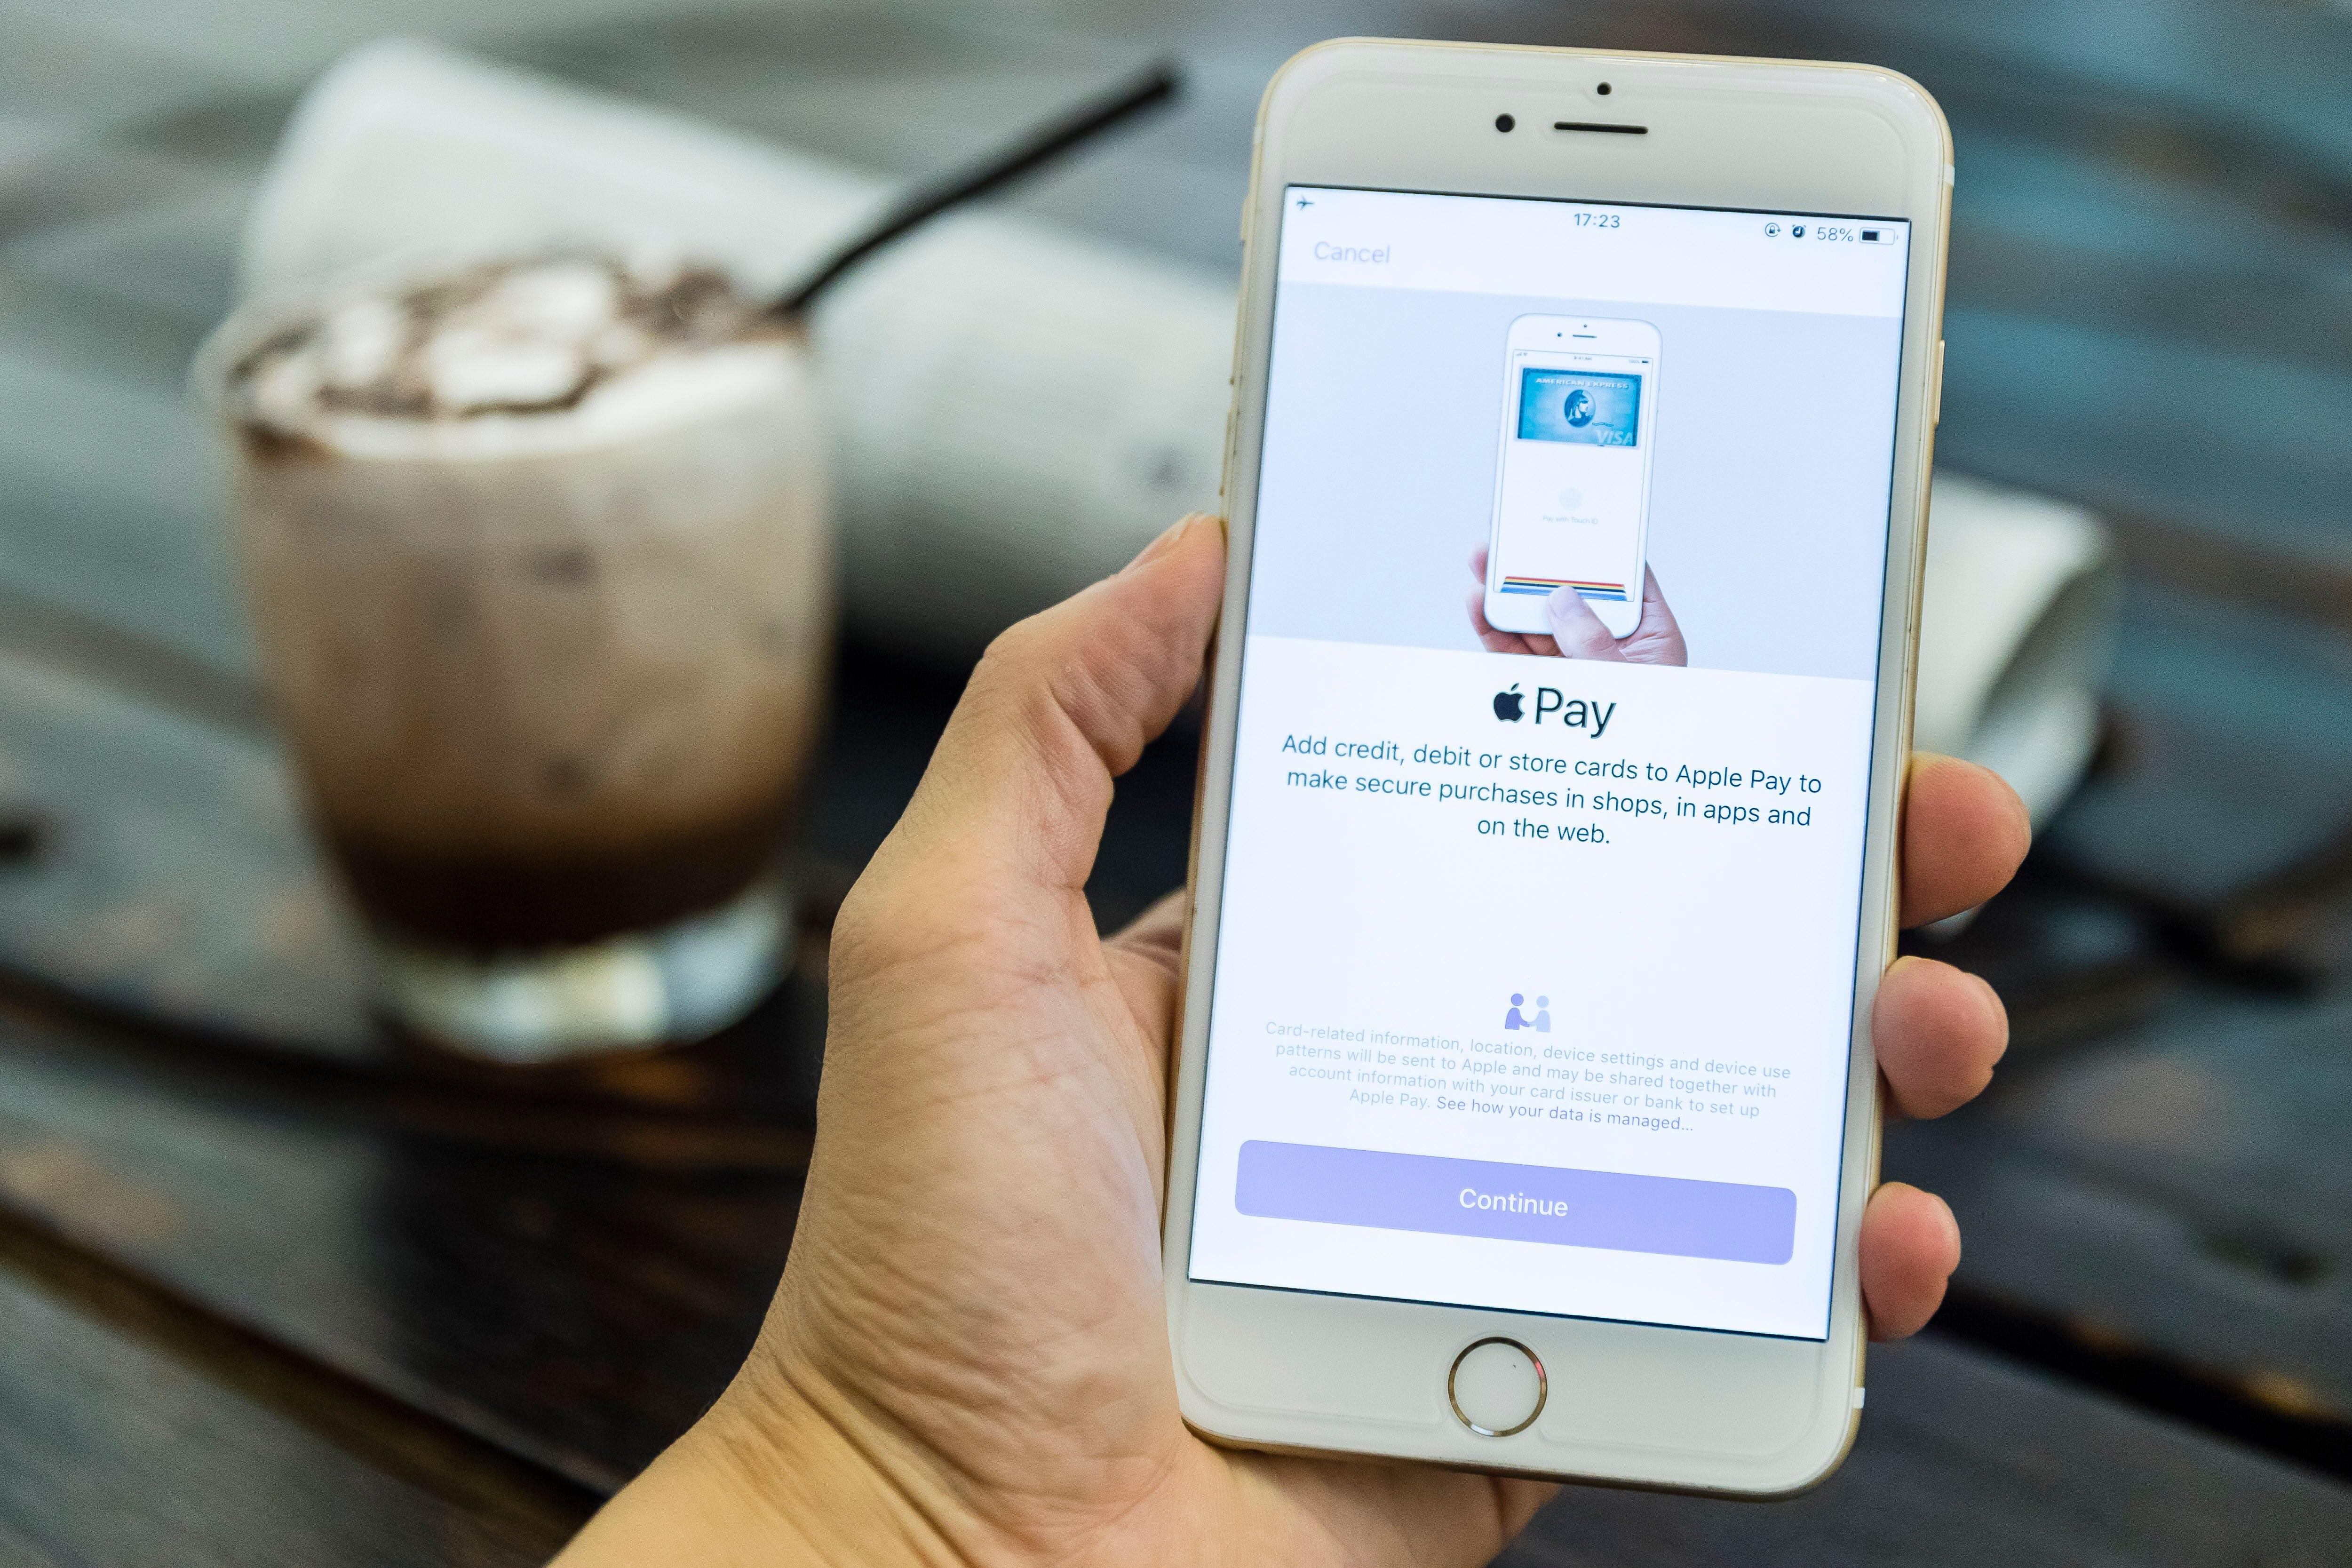 Sparkassen schalten Apple Pay frei – aber nicht für jeden!